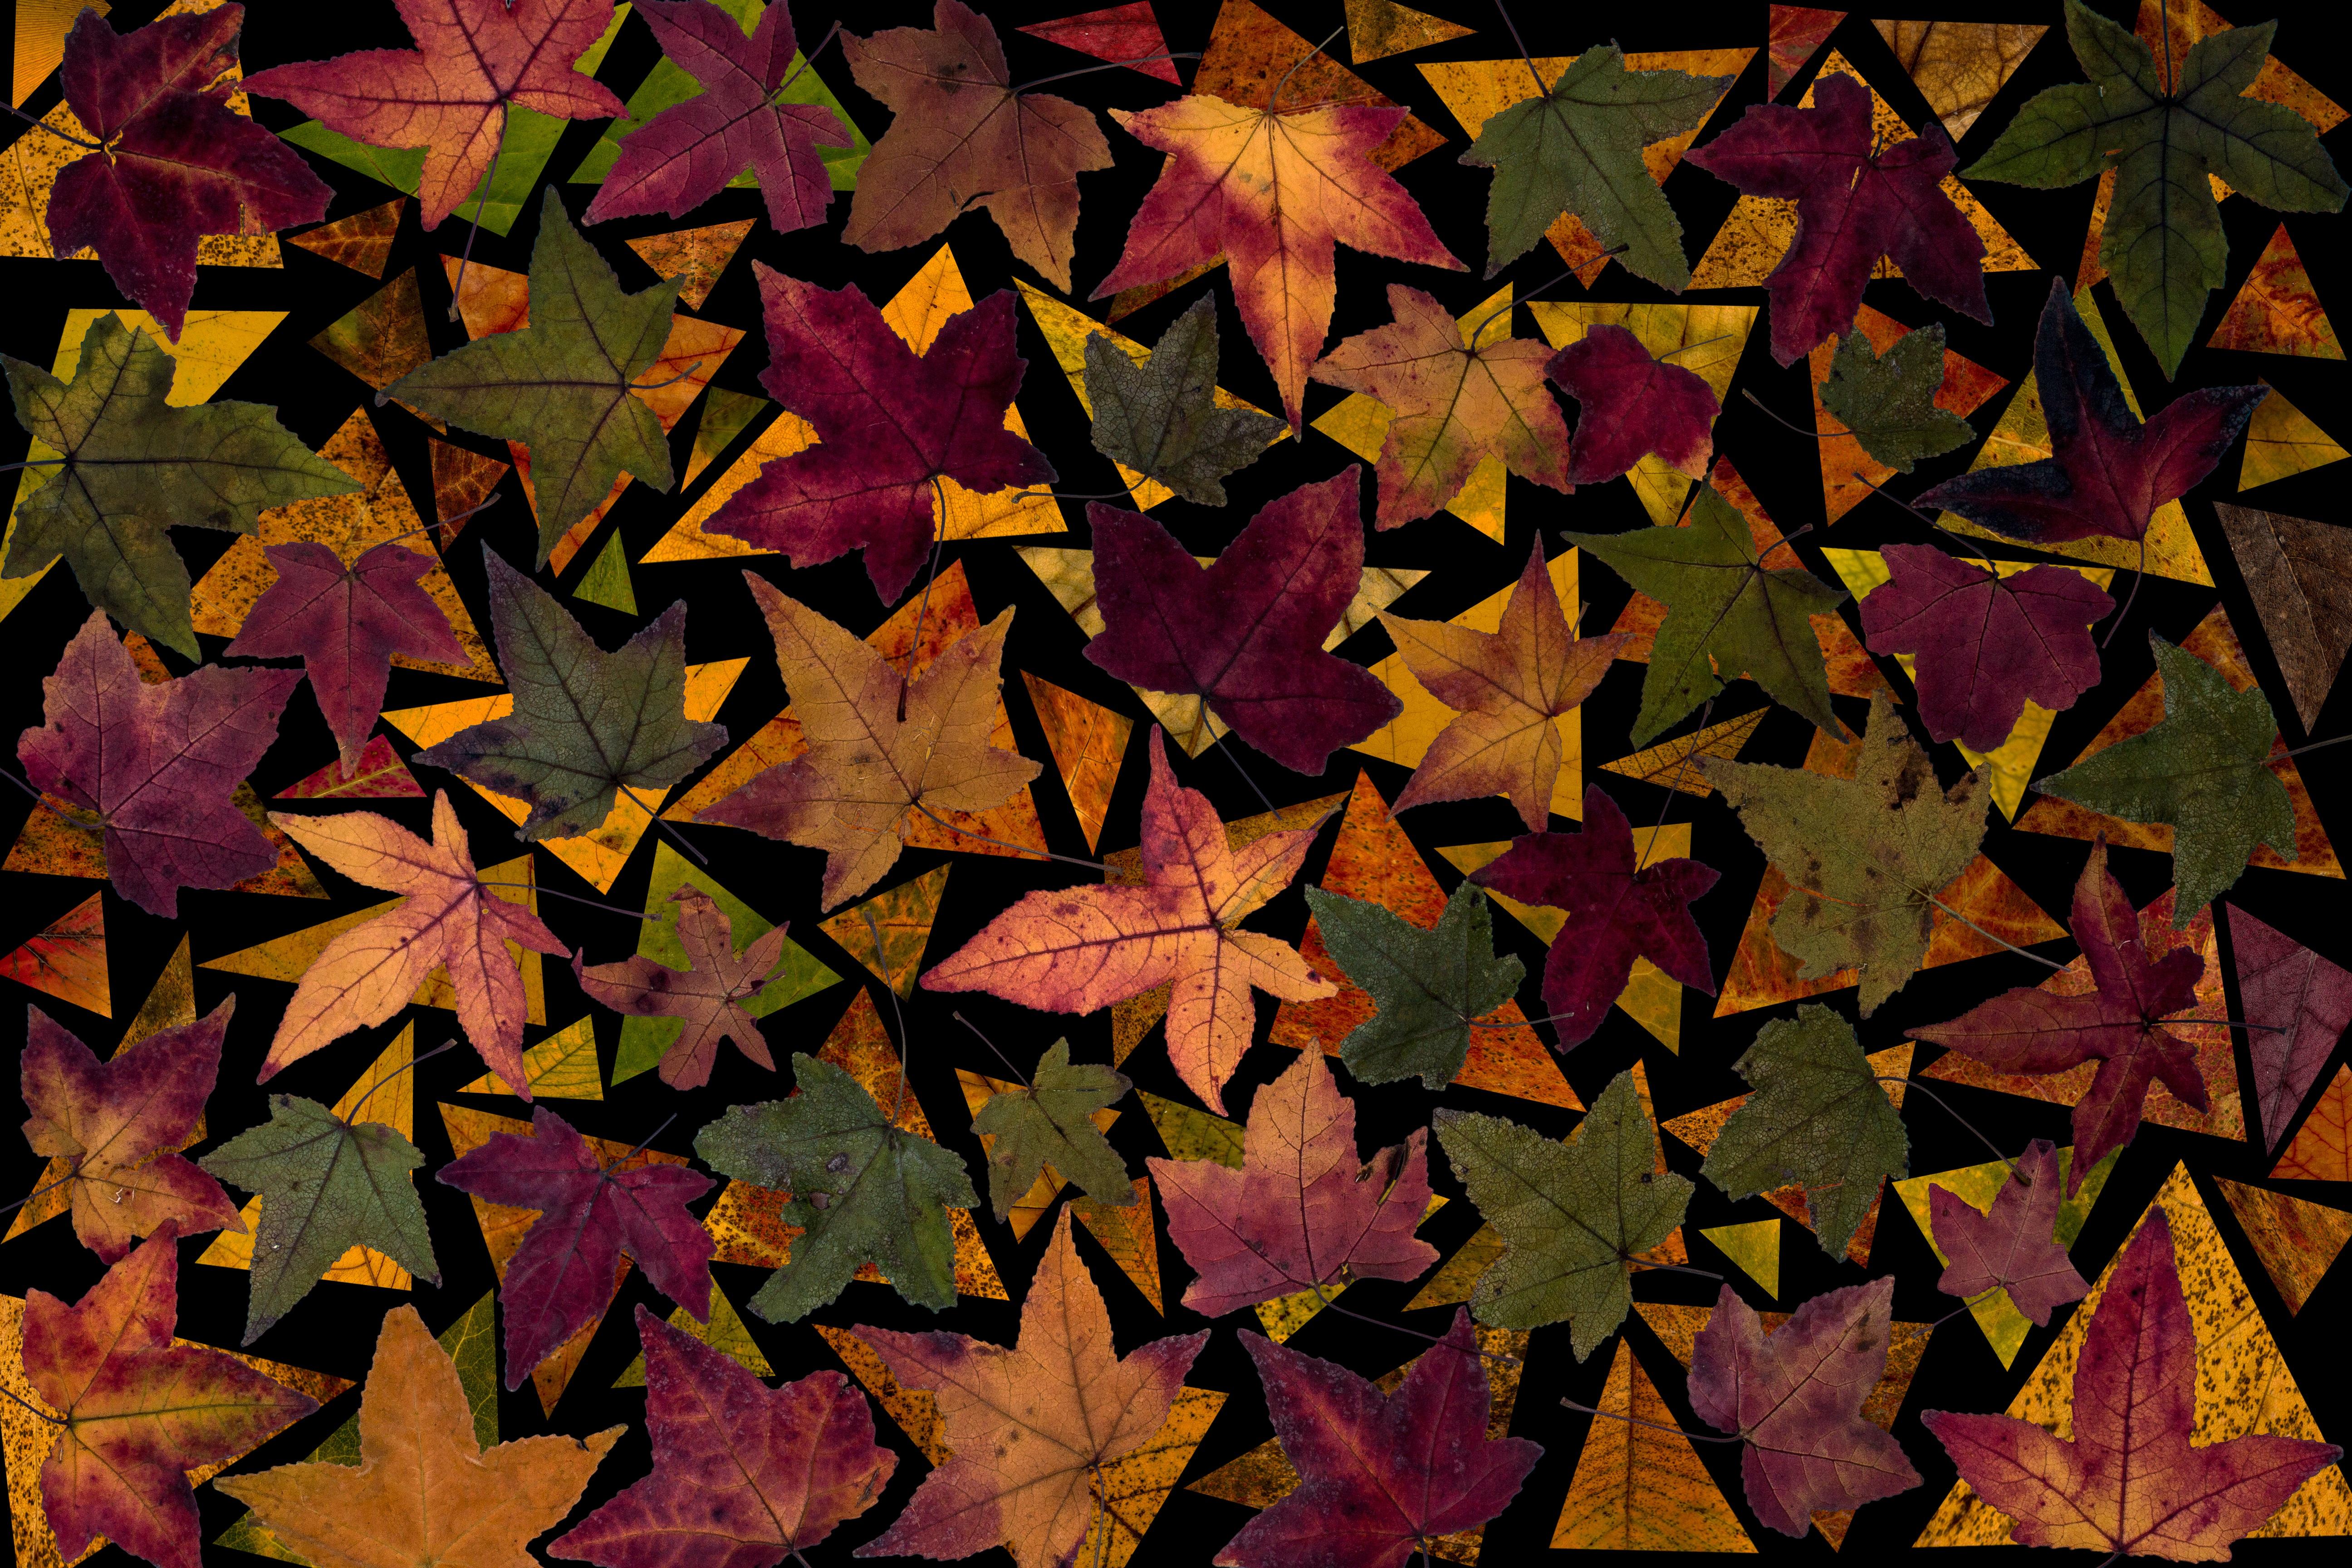 Fotos gratis : rama, textura, flor, patrón, temporada, árbol de arce ...